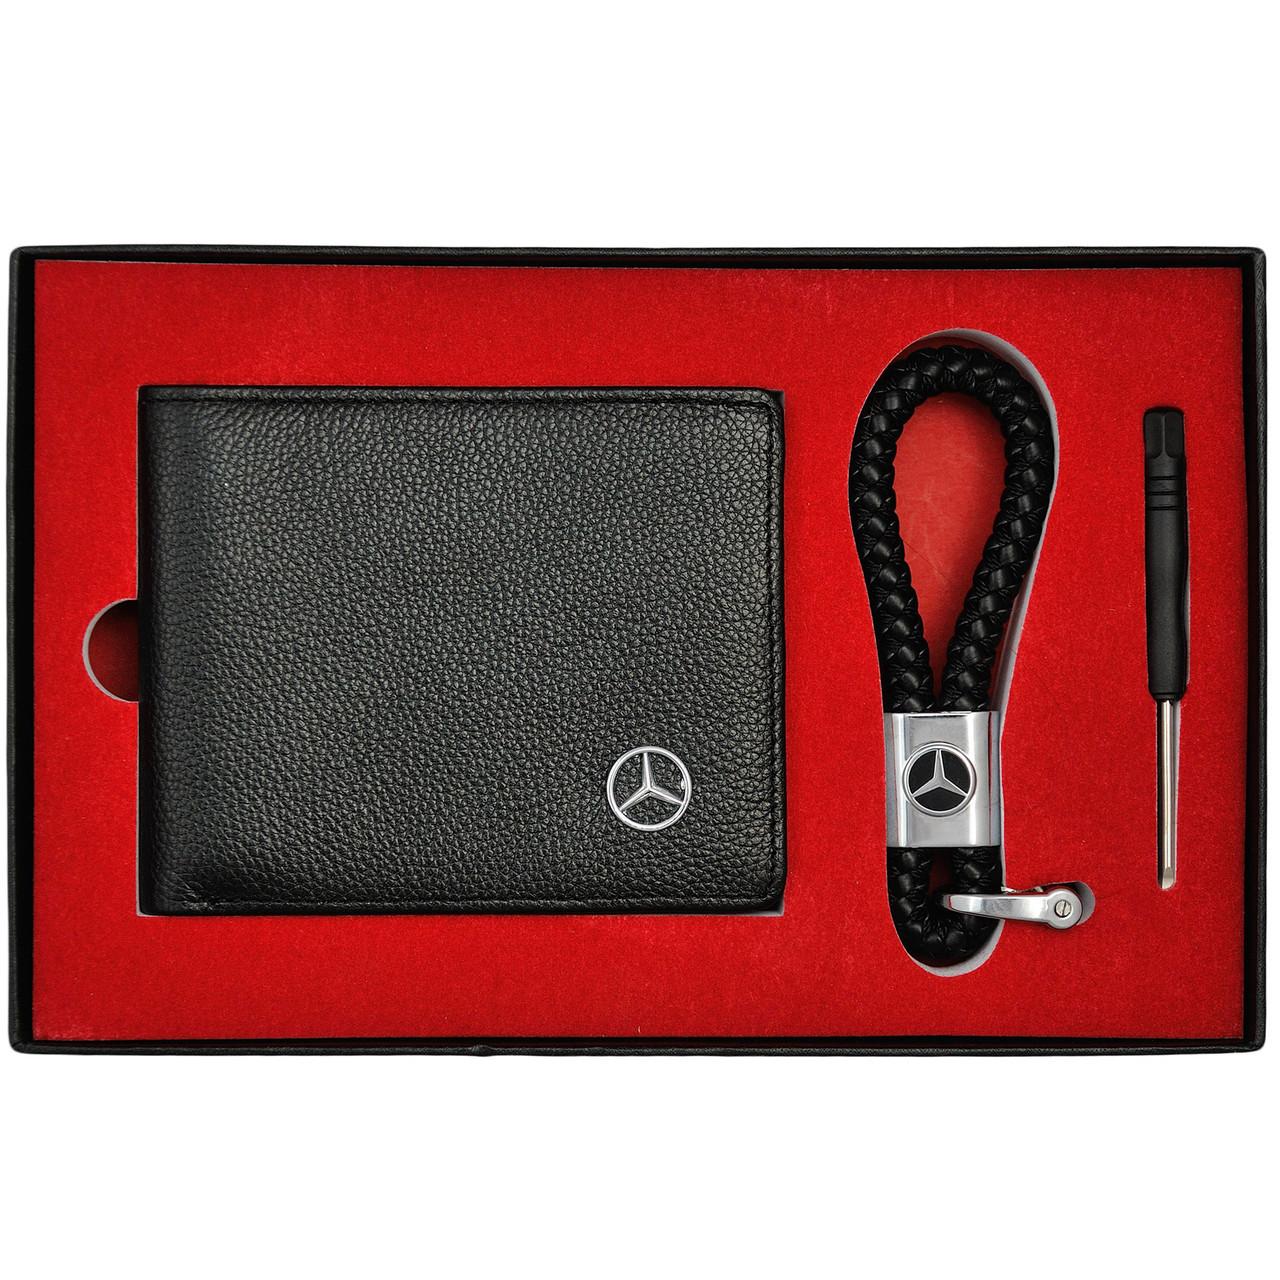 Набор Кожаных Аксессуаров с эмблемой Mercedes: Кошелек двойного сложения и плетеный брелок